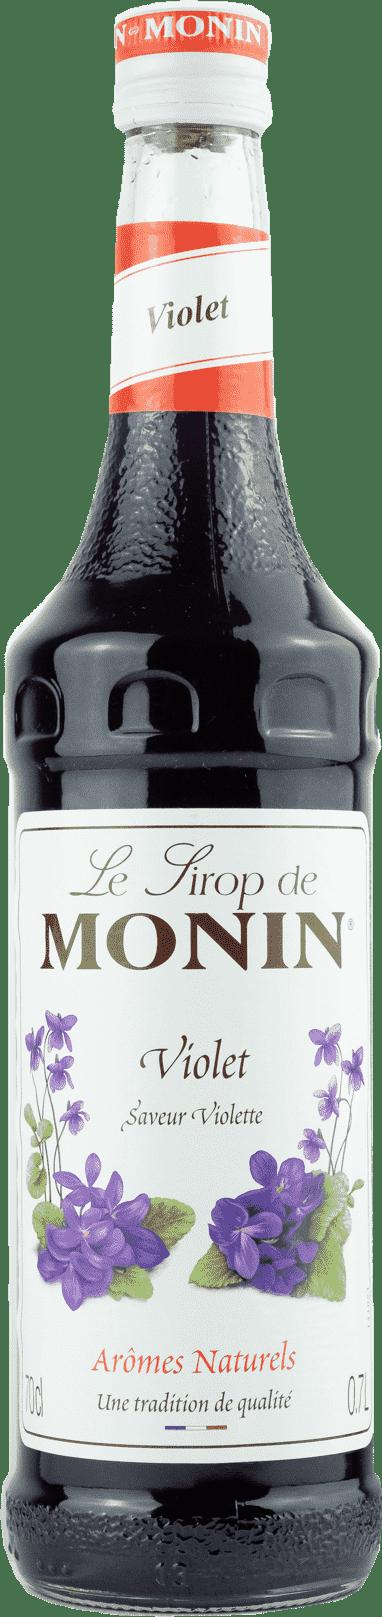 Monin Sirup Violet 0,7l Veilchen